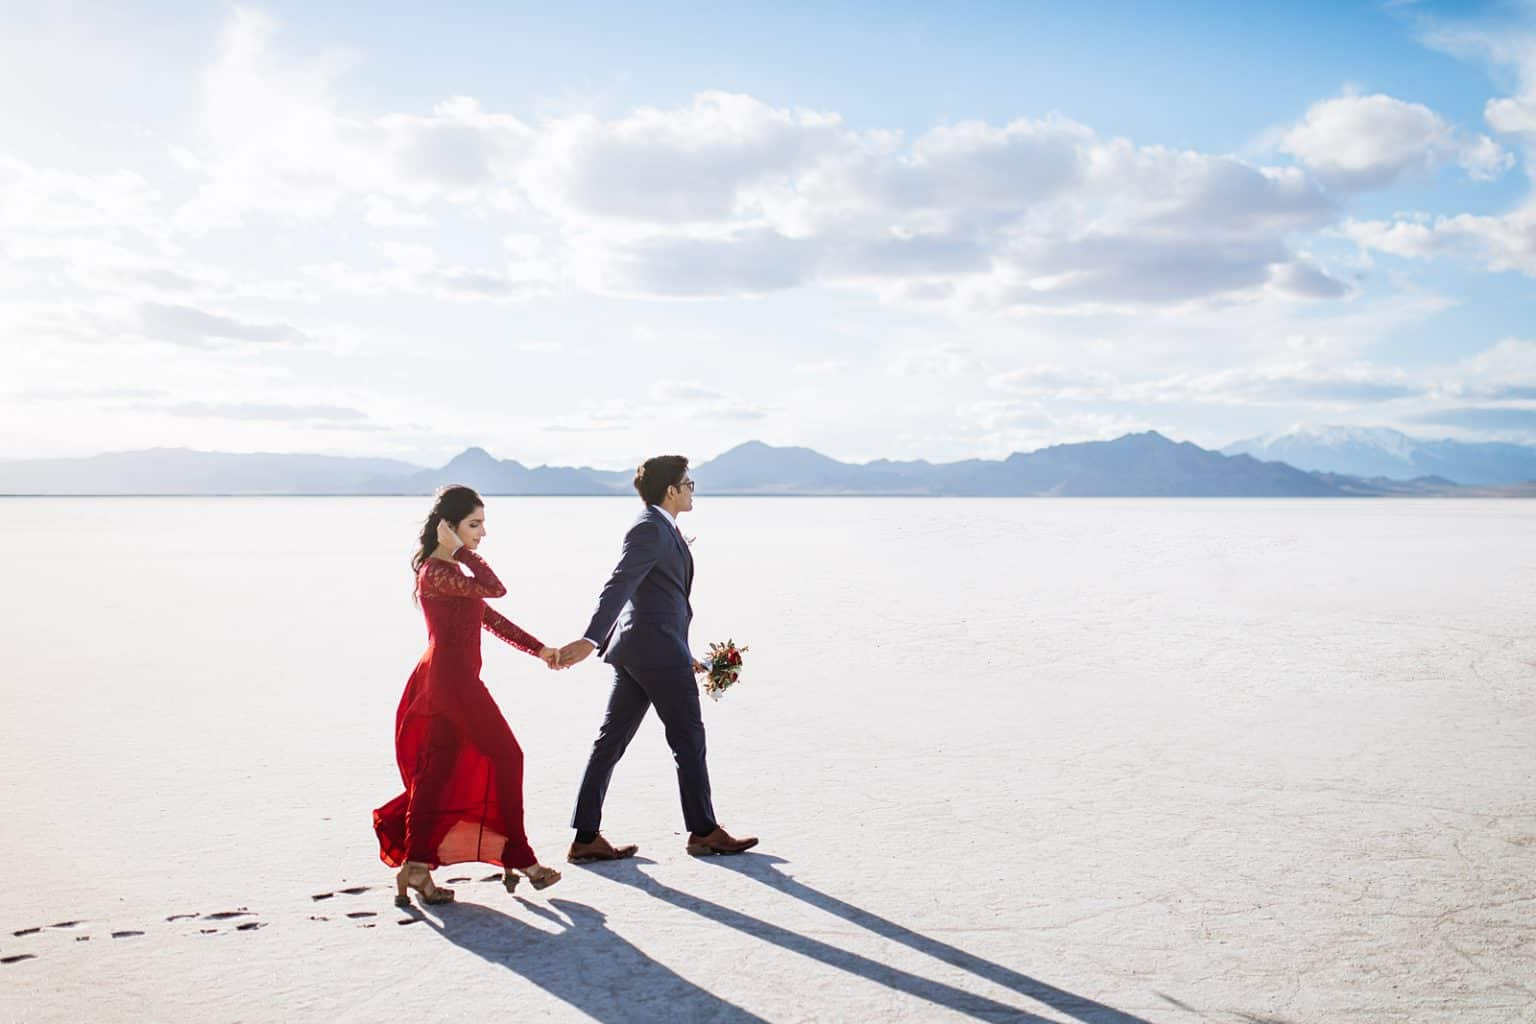 Bonneville Salt Flats Engagement Photos, Utah engagement session, engagement photography, red dress